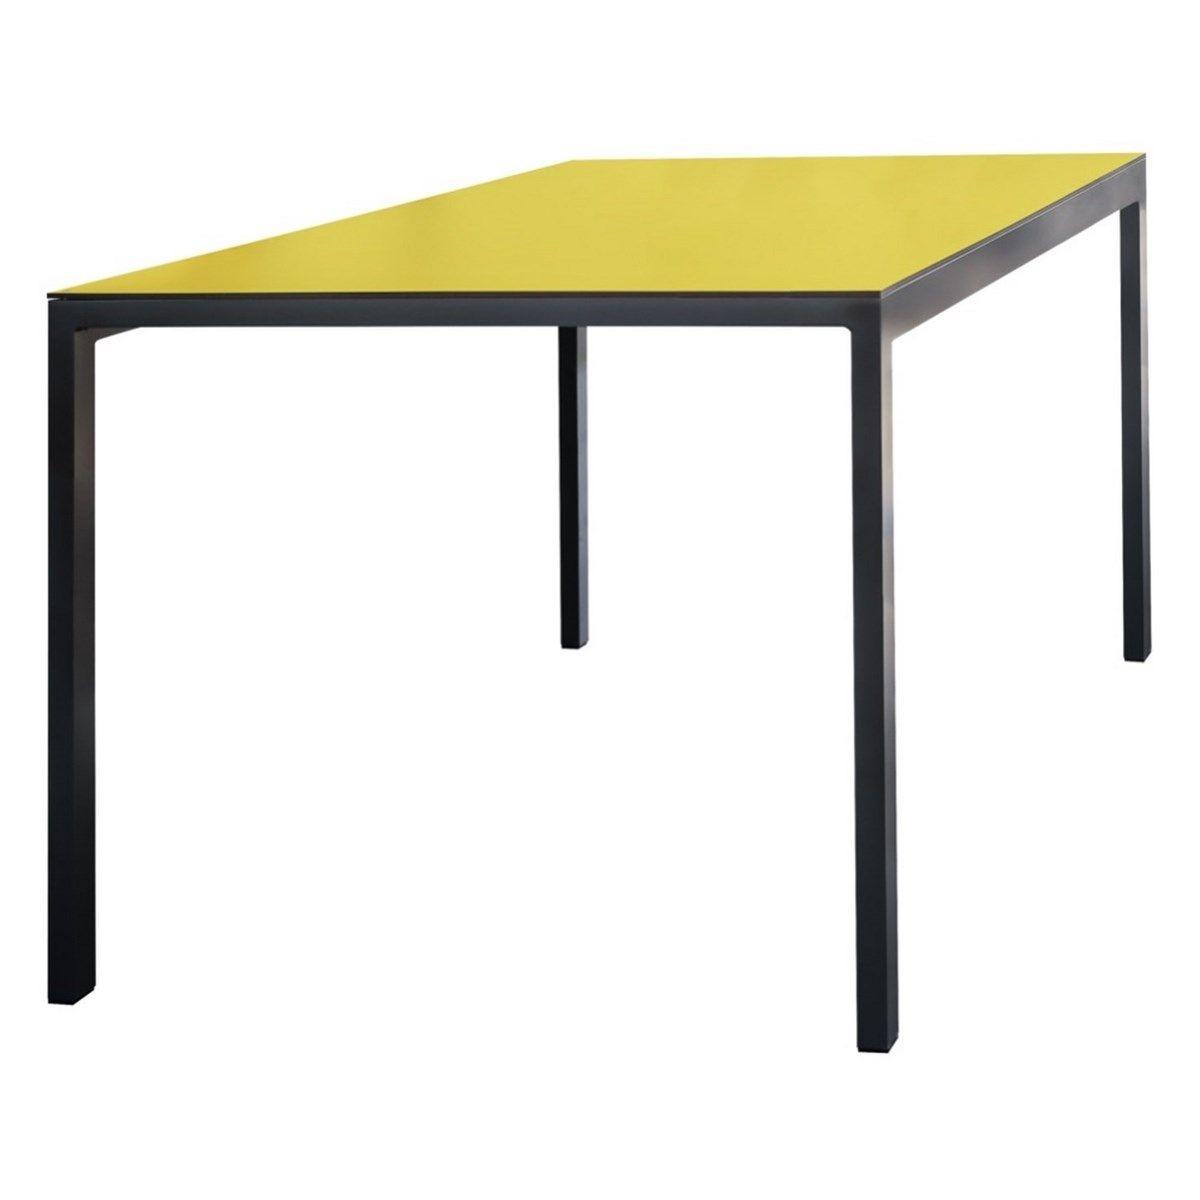 Table De Jardin Rectangulaire Cora En Aluminium Et Plateau ... dedans Cora Table De Jardin